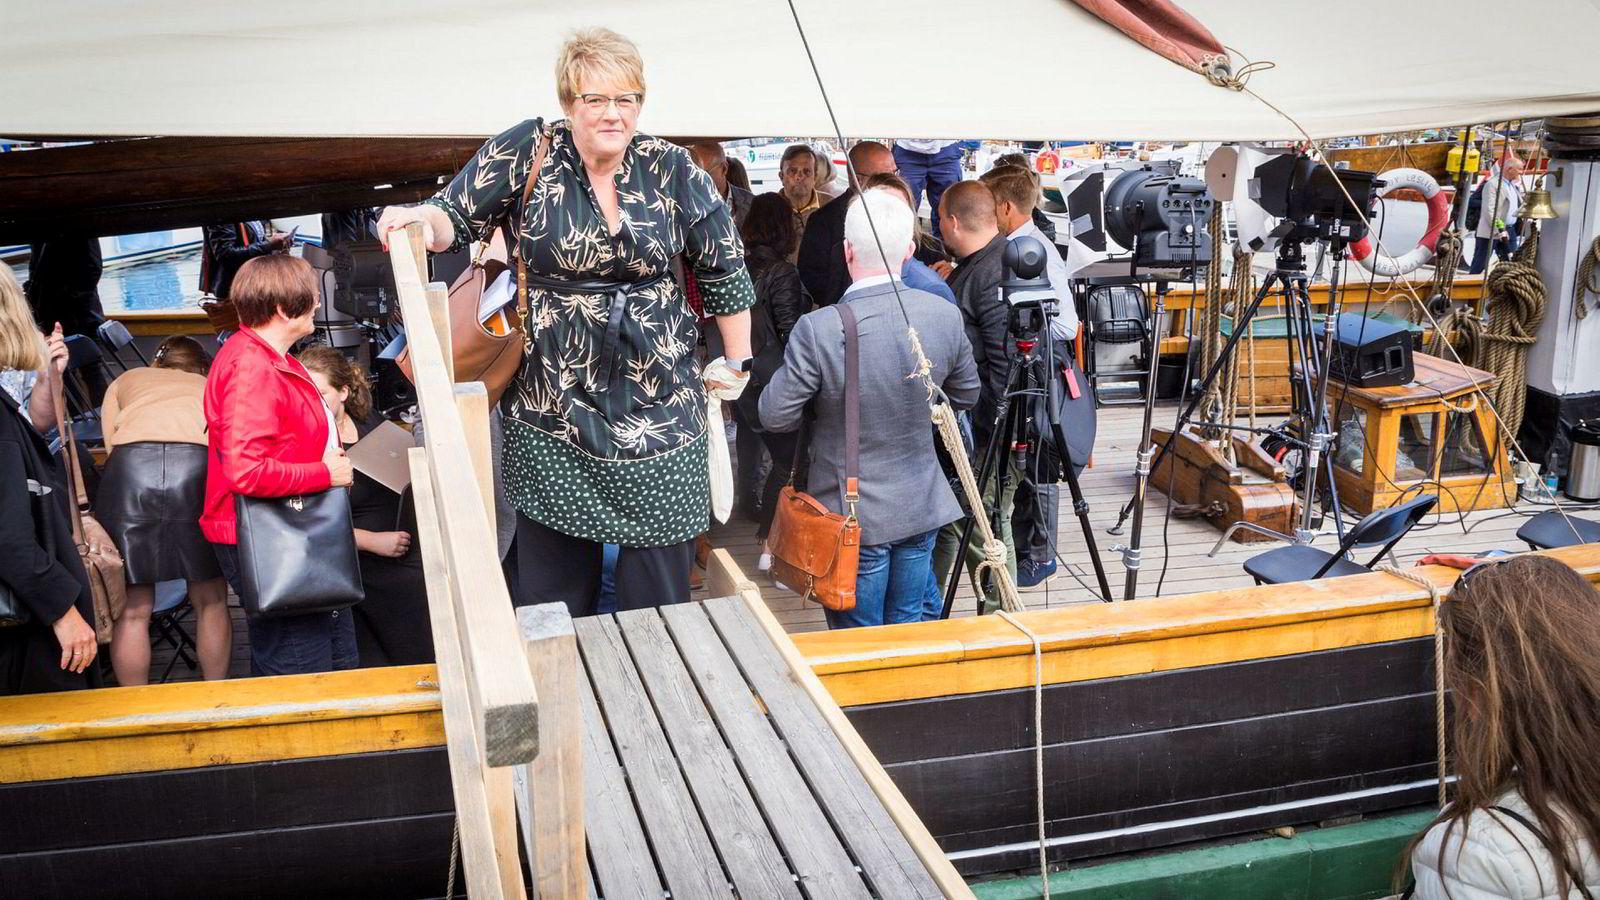 Kulturminister Trine Skei Grande forlater mediebåten etter debatt under Arendalsuka. Nå varsler departementet at det tar sikte på å skrive avtale med TV 2 før utløpet av måneden.